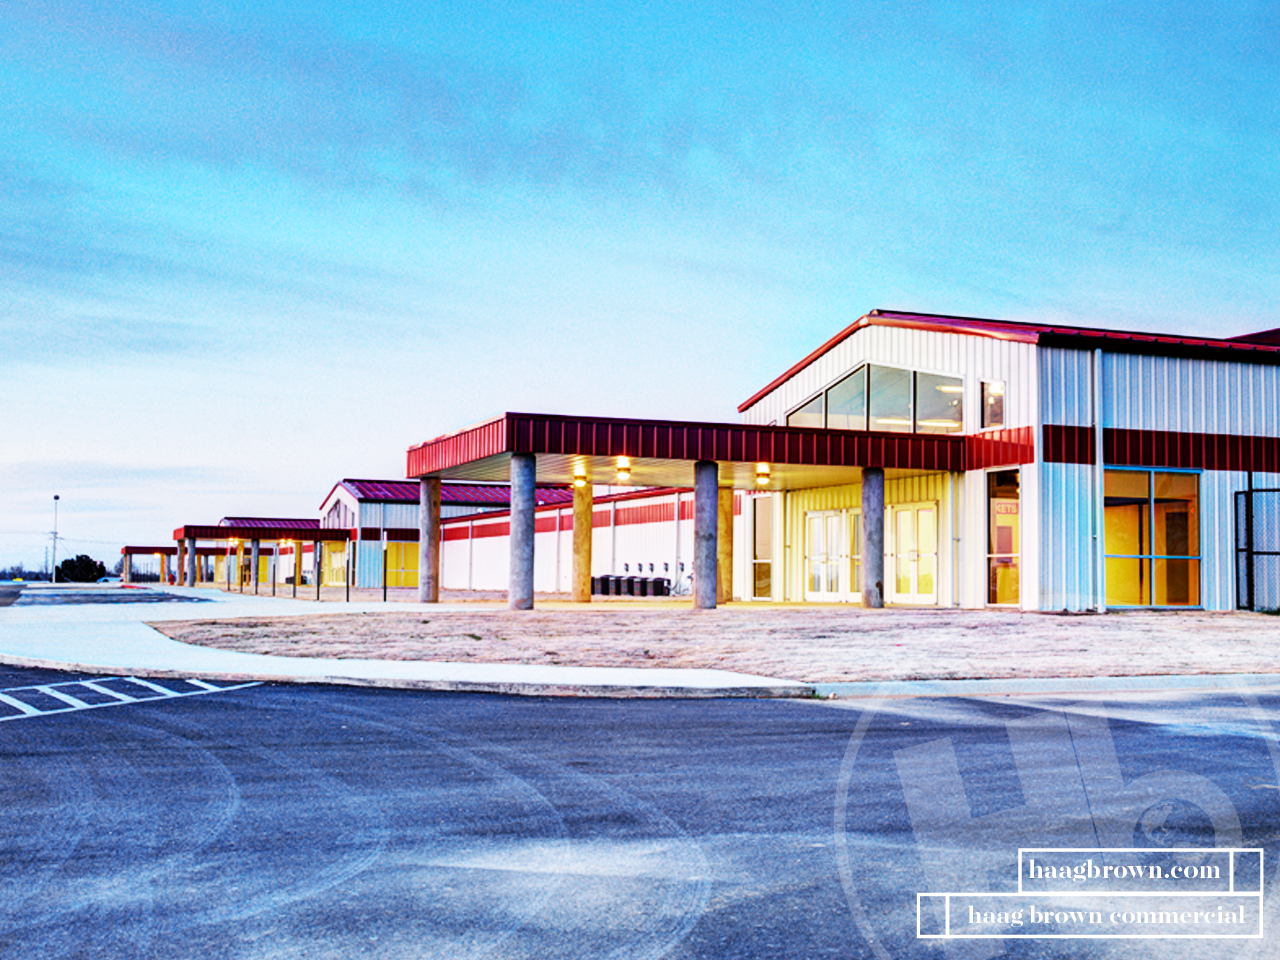 Expo & Conference Center in Jonesboro, AR